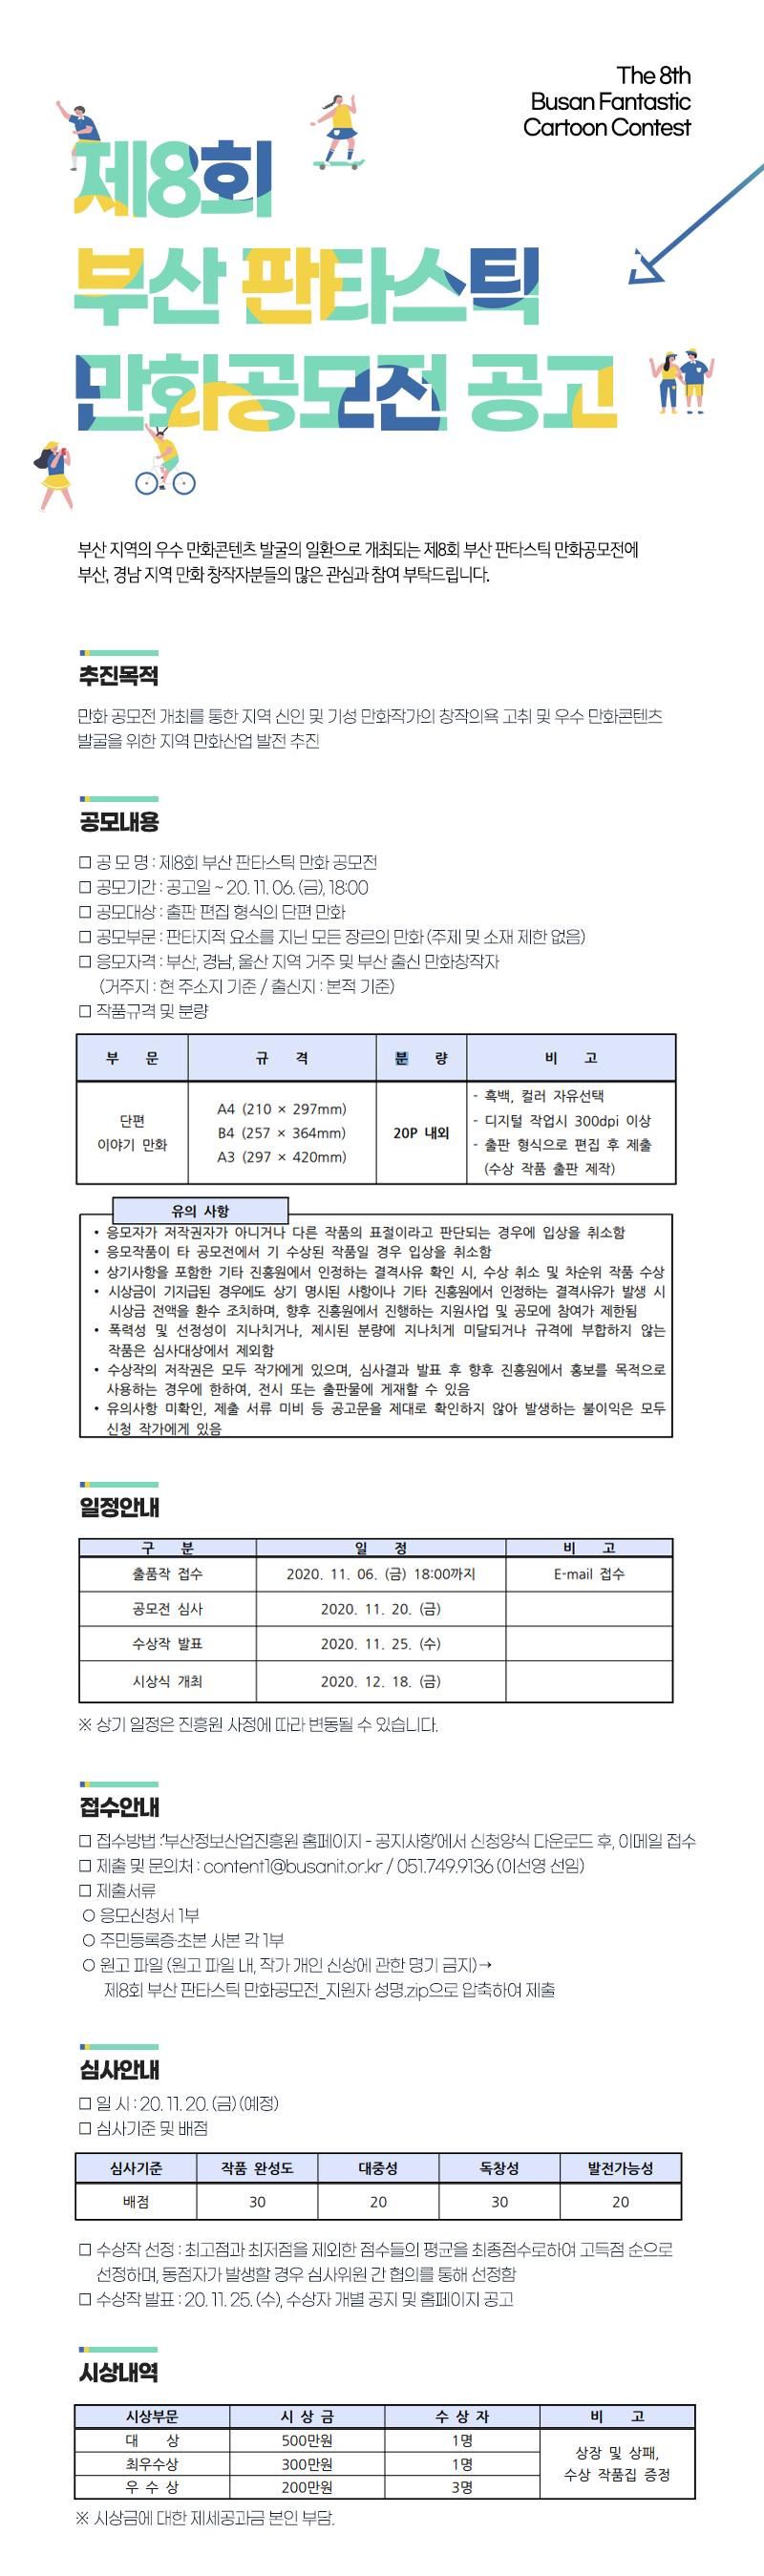 제8회 부산 판타스틱 만화공모전 개최